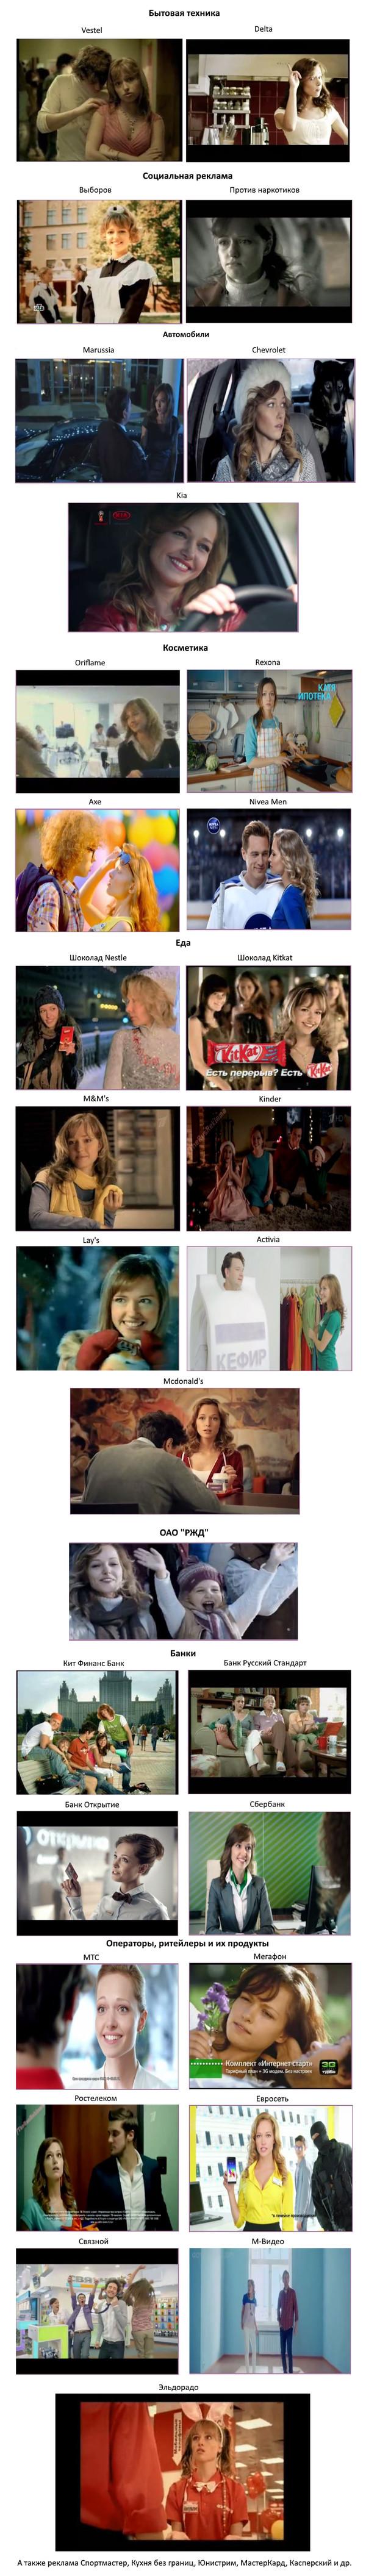 Эта девушка снялась в рекламе... Всего Реклама, Скриншот, Юлия Васильева, Product placement, Длиннопост